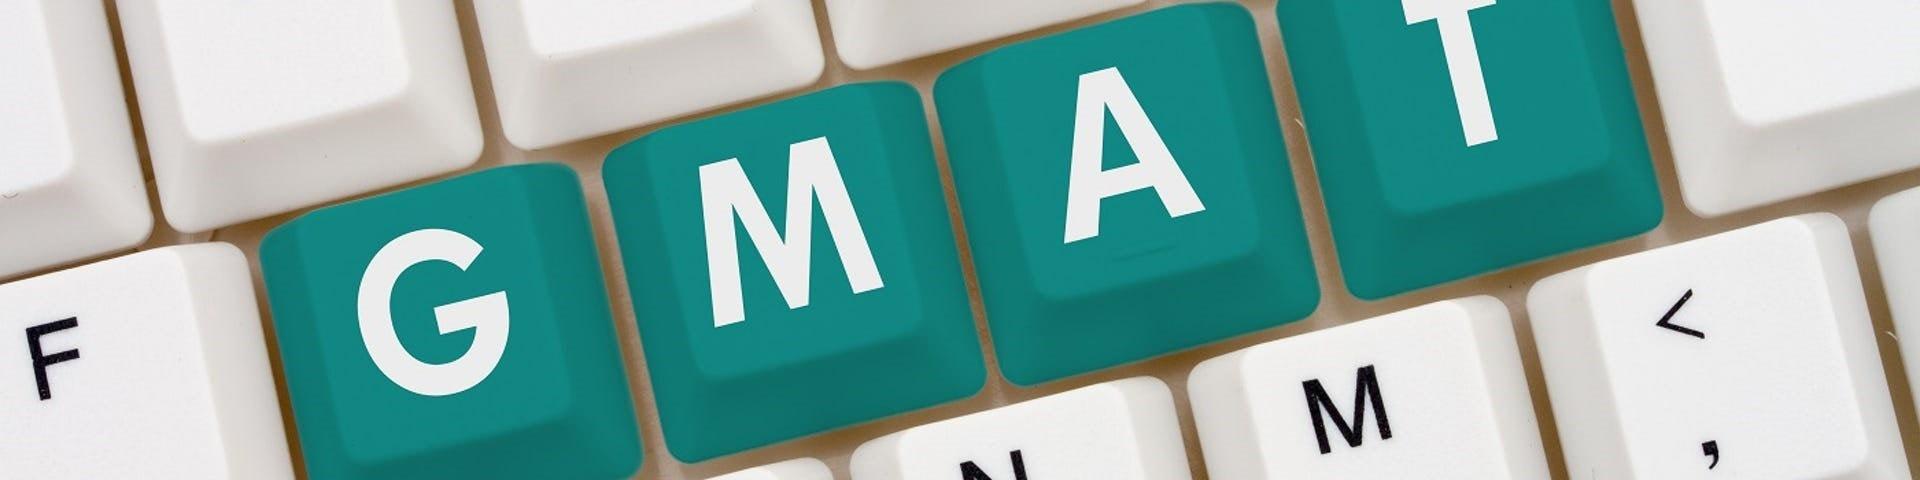 بخشهای مختلف آزمون GMAT